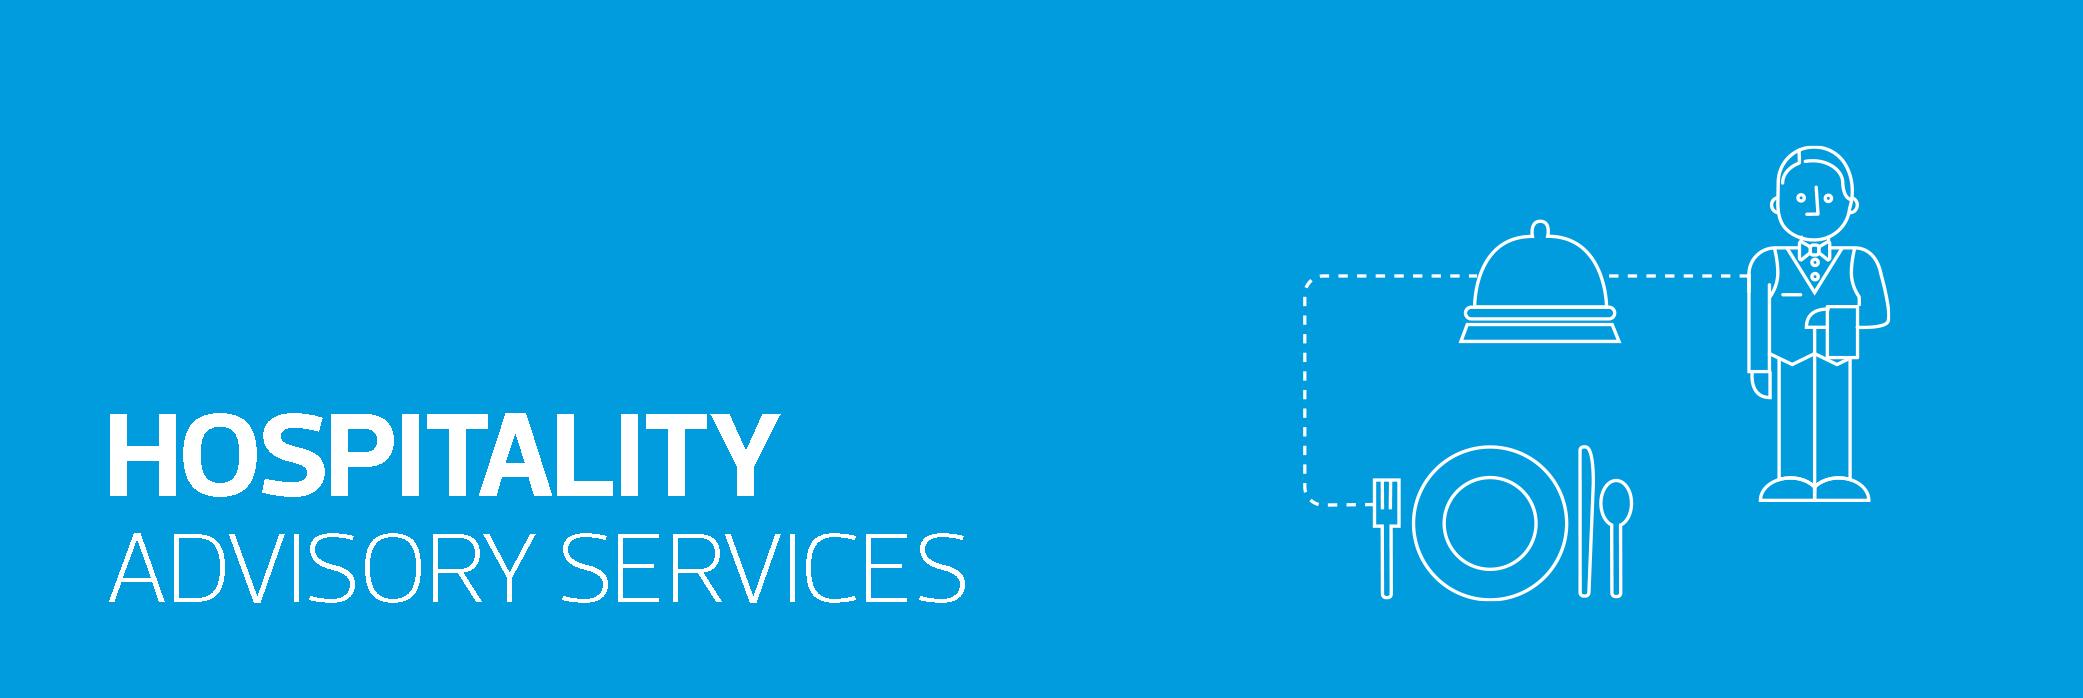 Hospitality Advisory Services